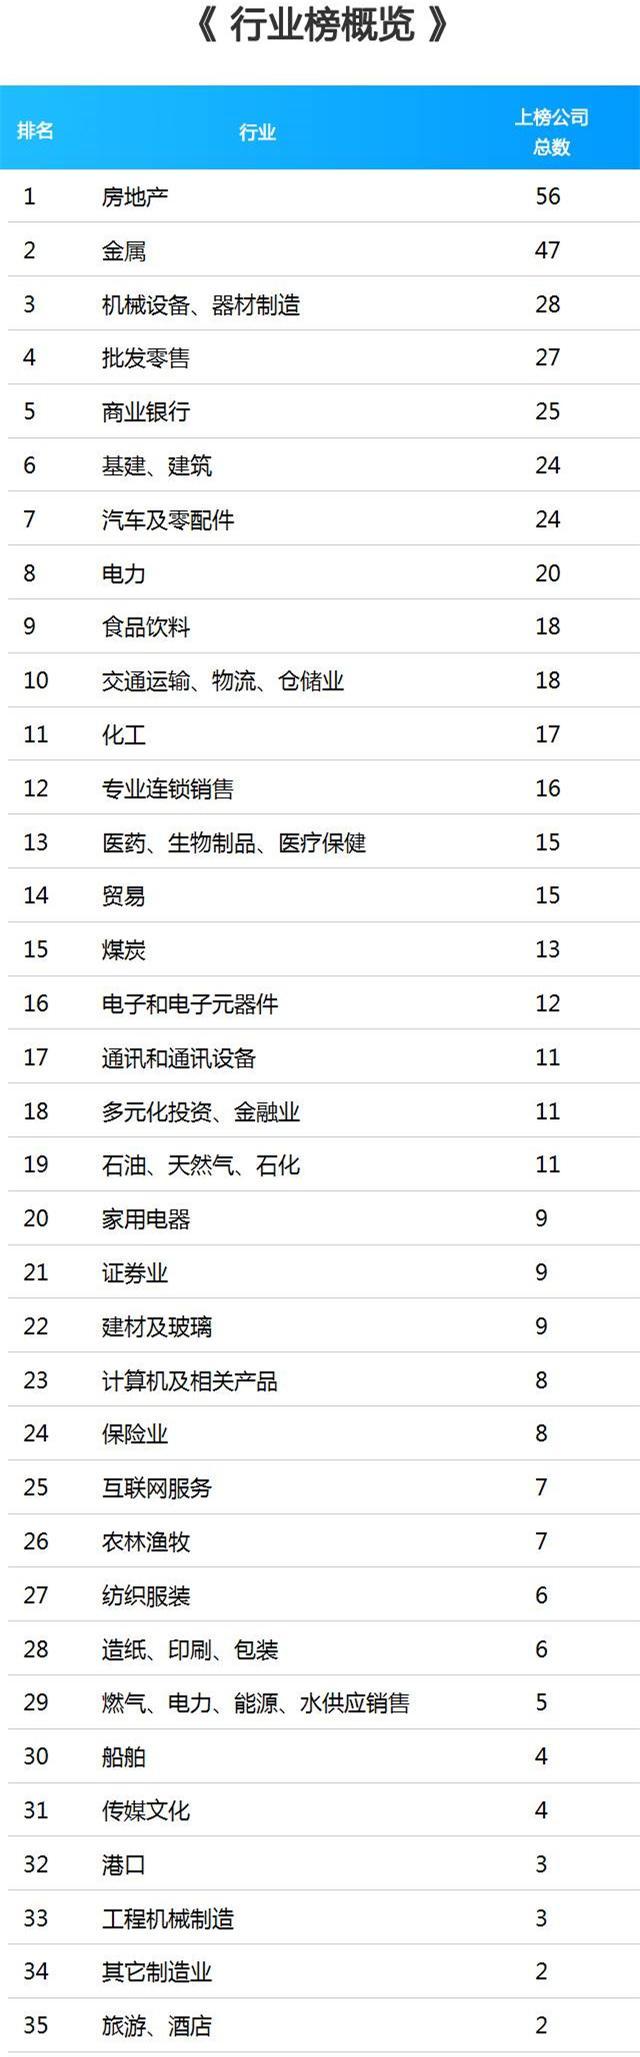 财富中国500强排行发布:房企最多 顺丰首次登榜